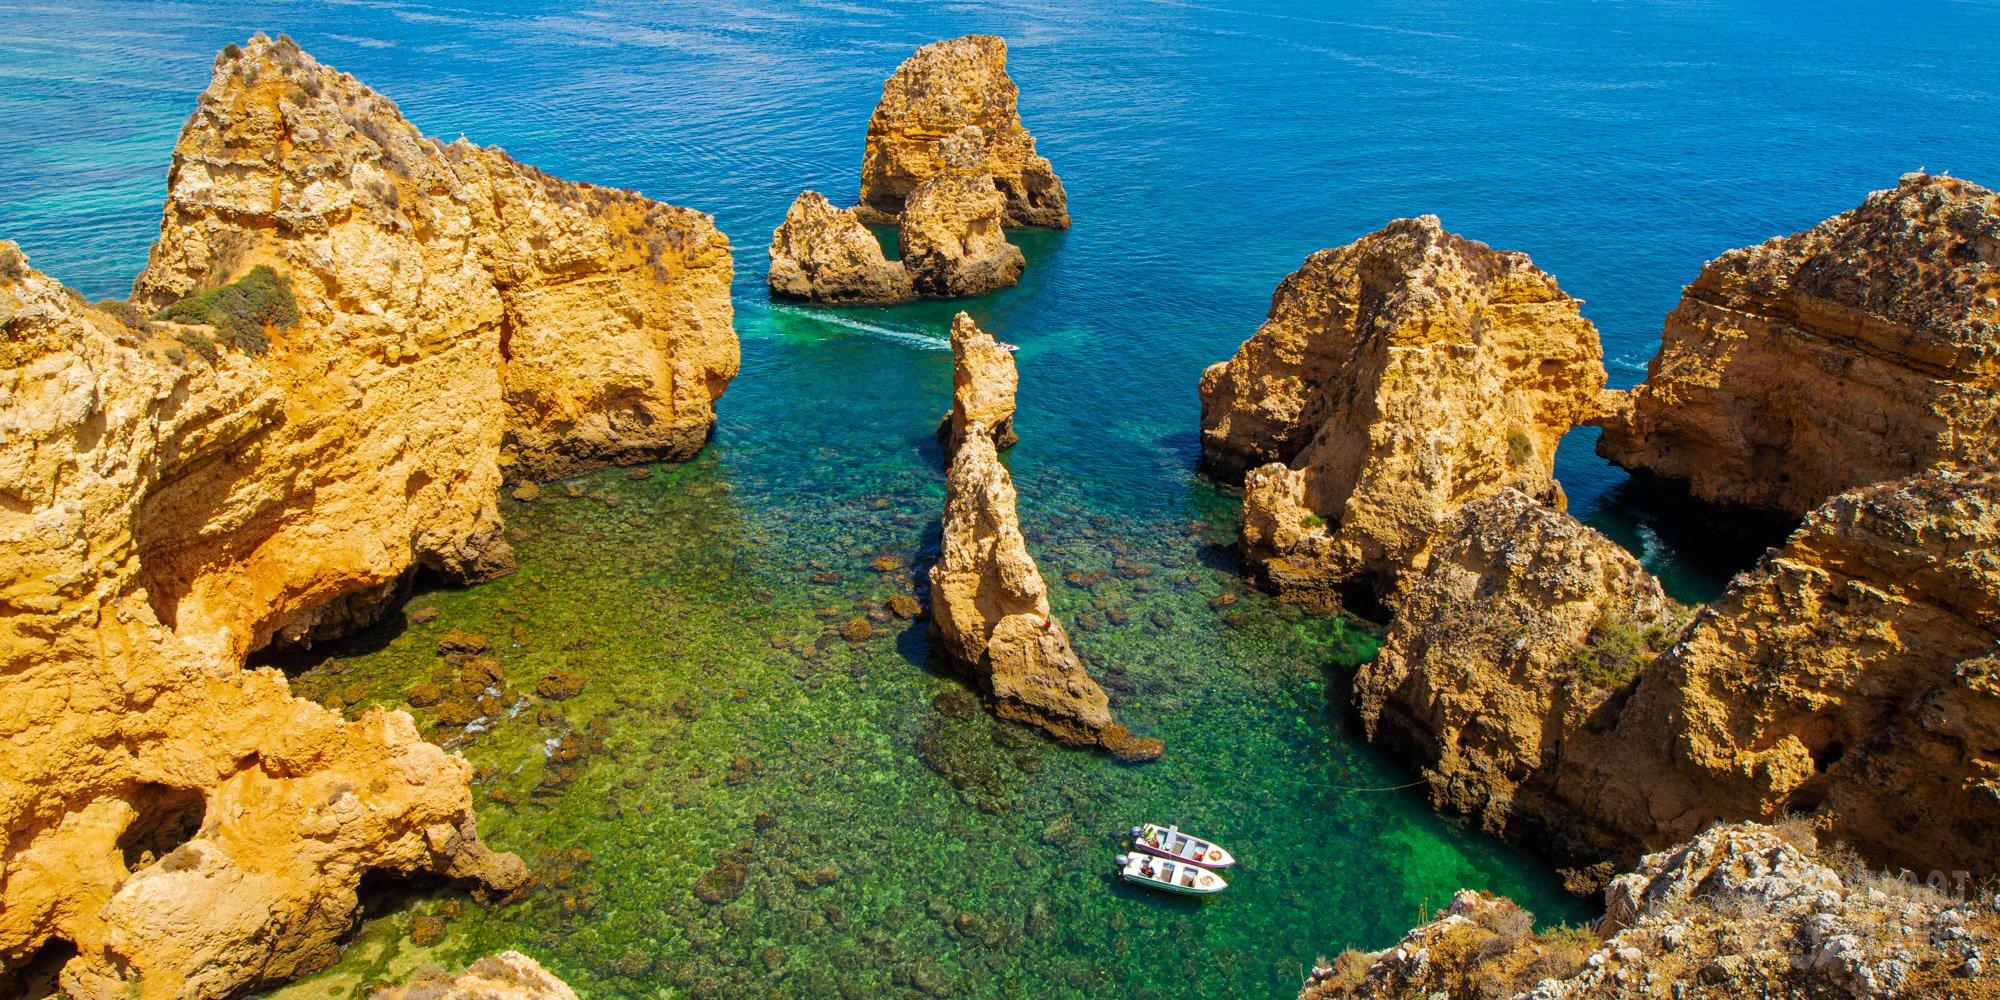 Ponta da Piedade in Algarve Portugal